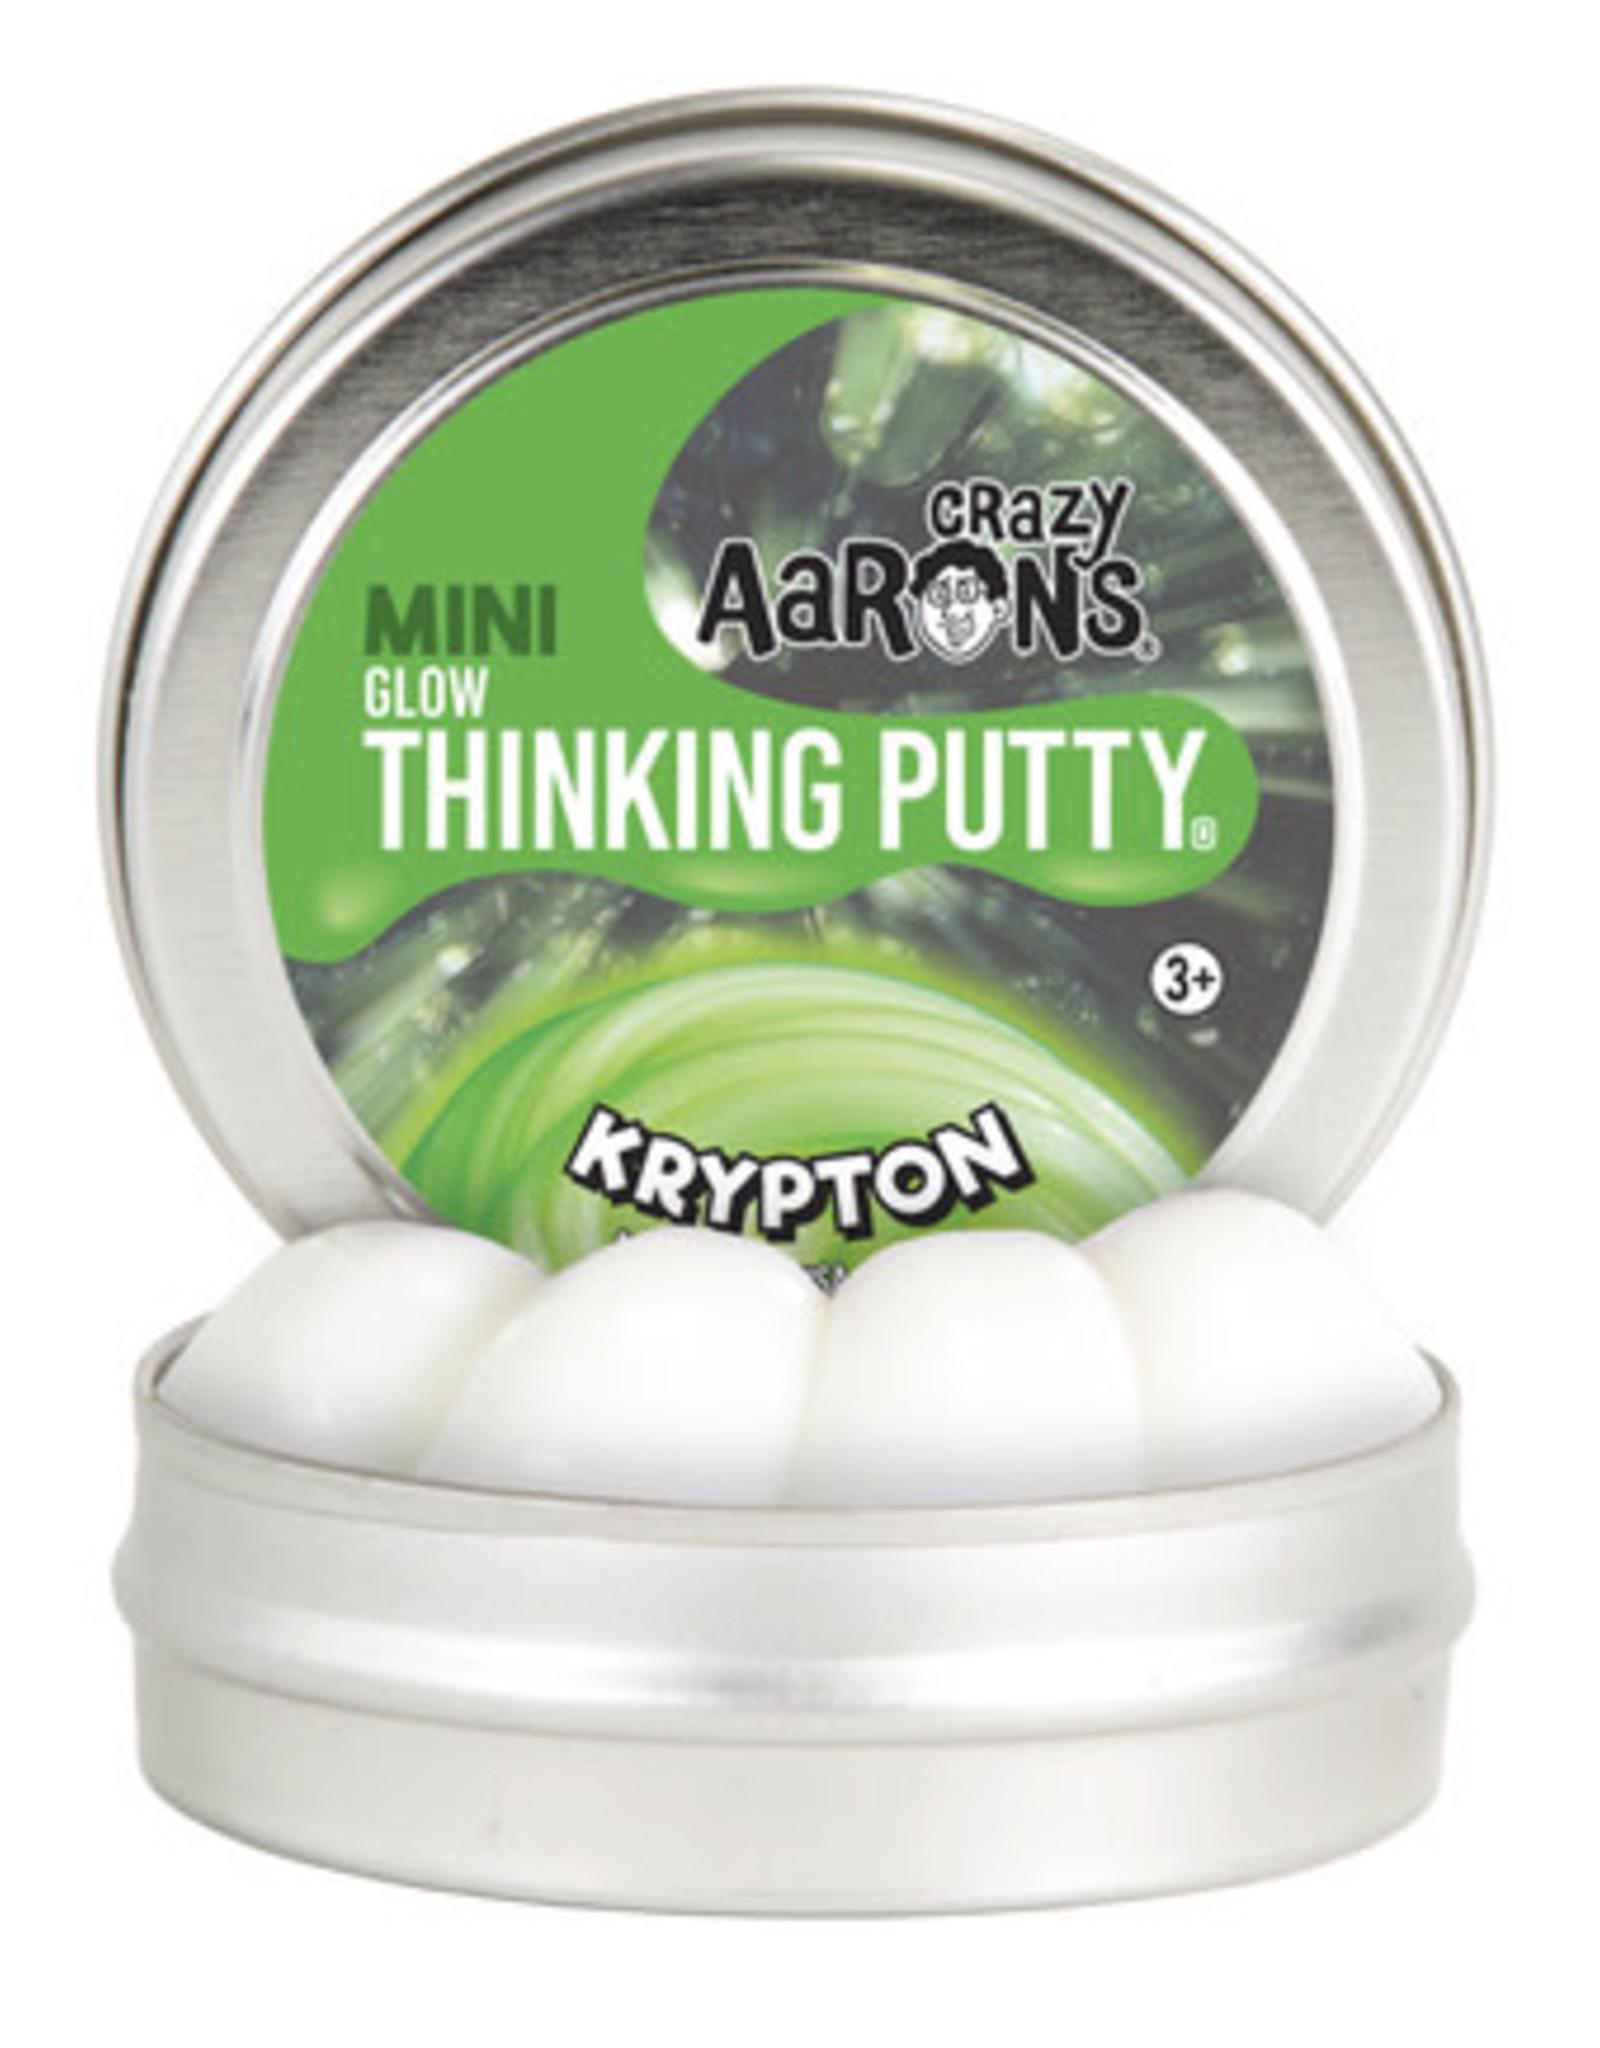 Crazy Aaron's Thinking Putty Crazy Aaron's Mini Tin -  Krypton (Glow)